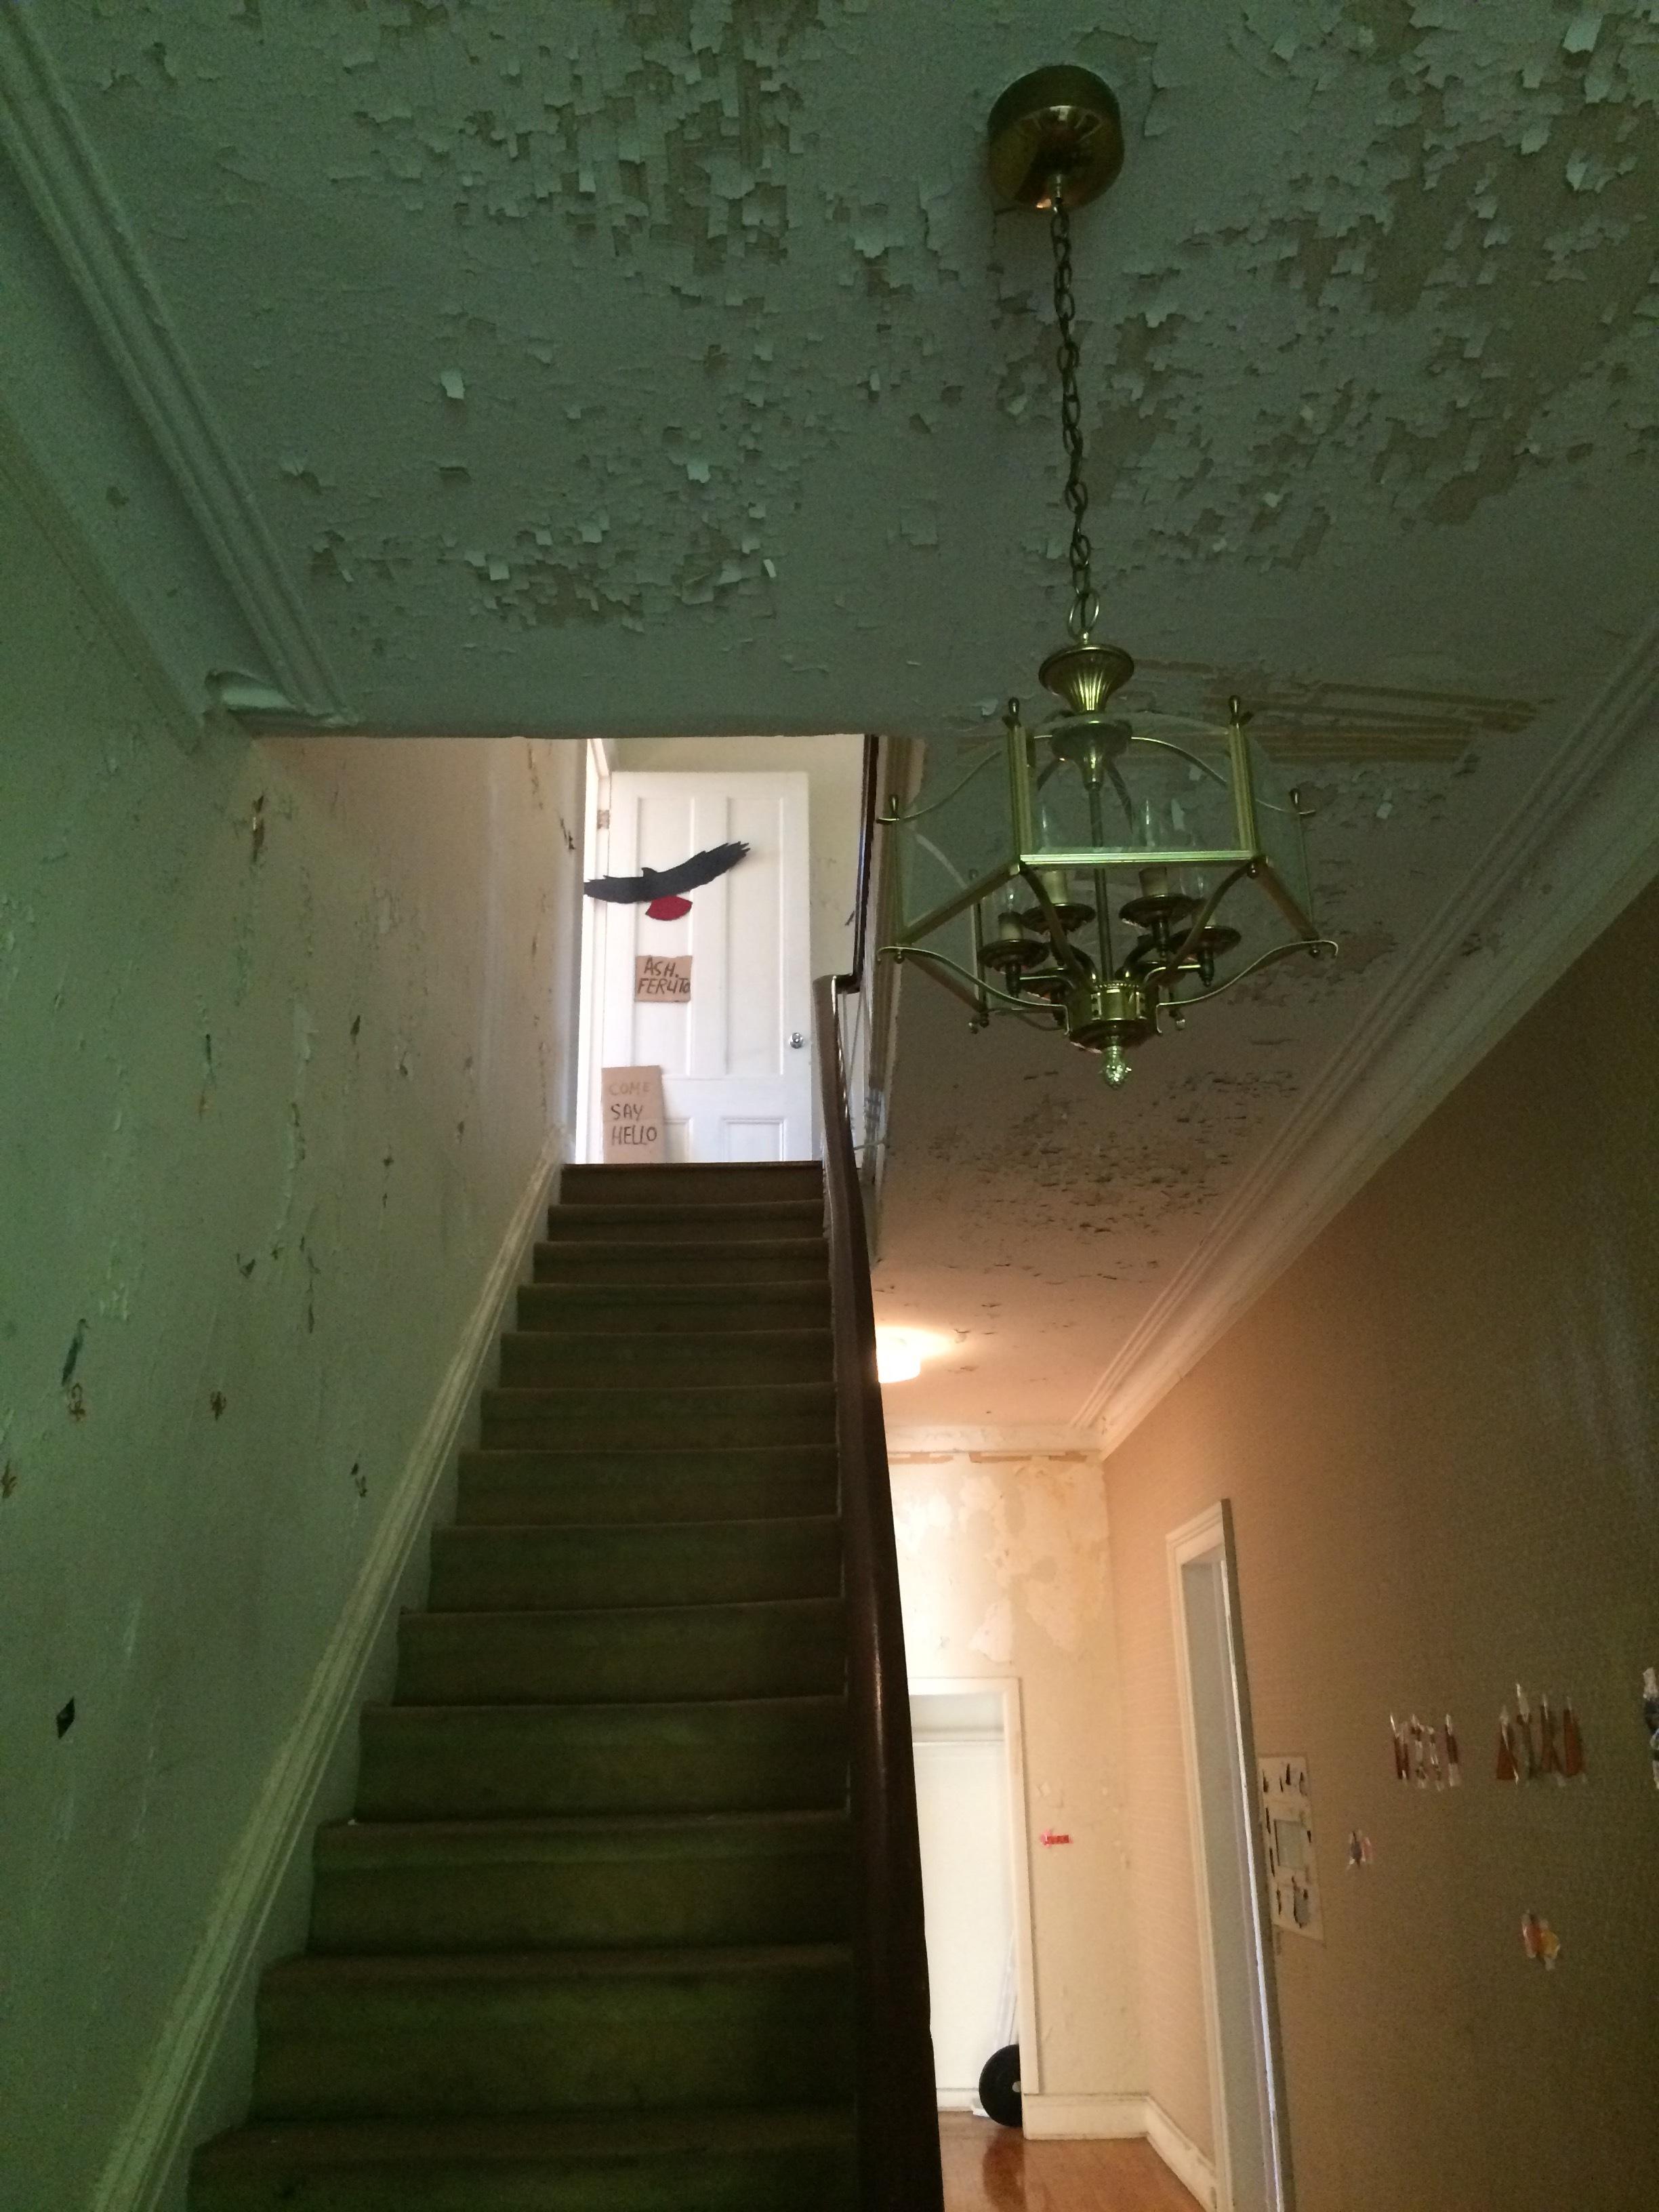 Audobon chandelier with bird.JPG